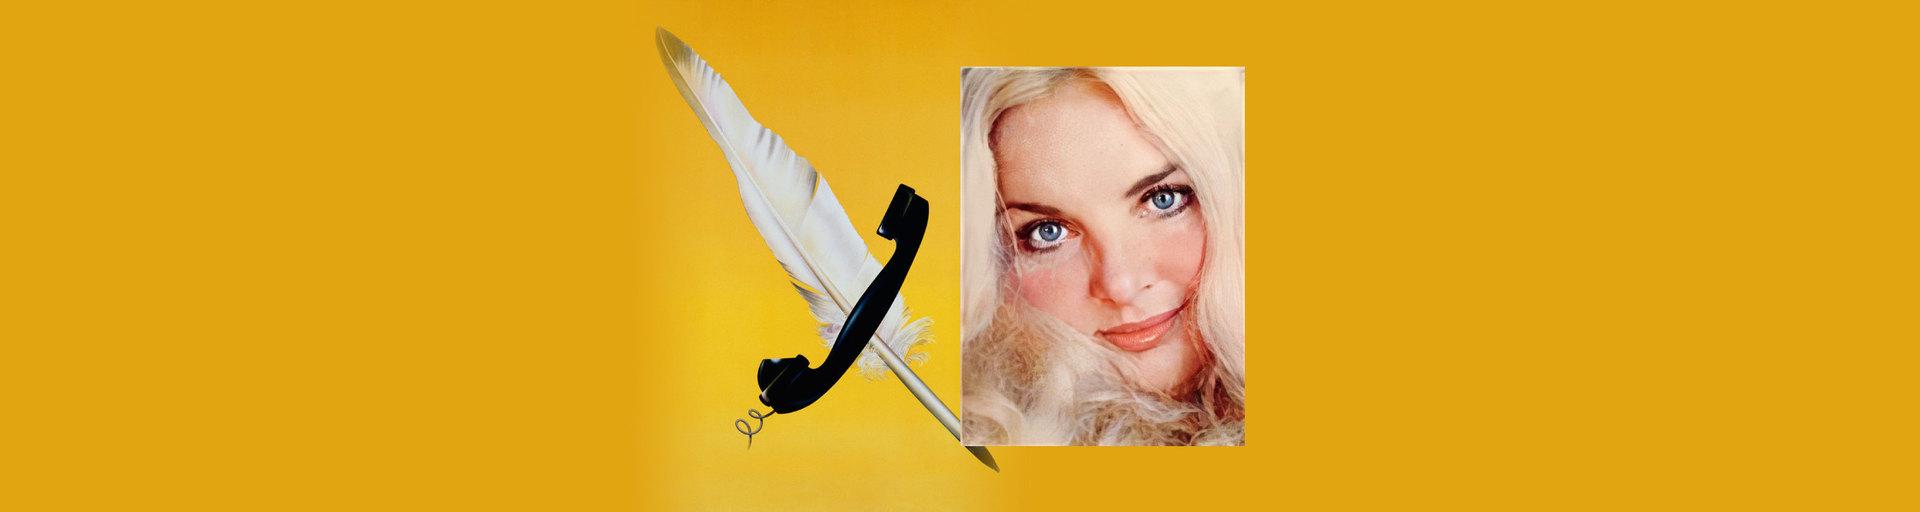 Пранкер-любитель: история Миранды — таинственной блондинки, вскружившей голову половине Голливуда спомощью телефонных звонков